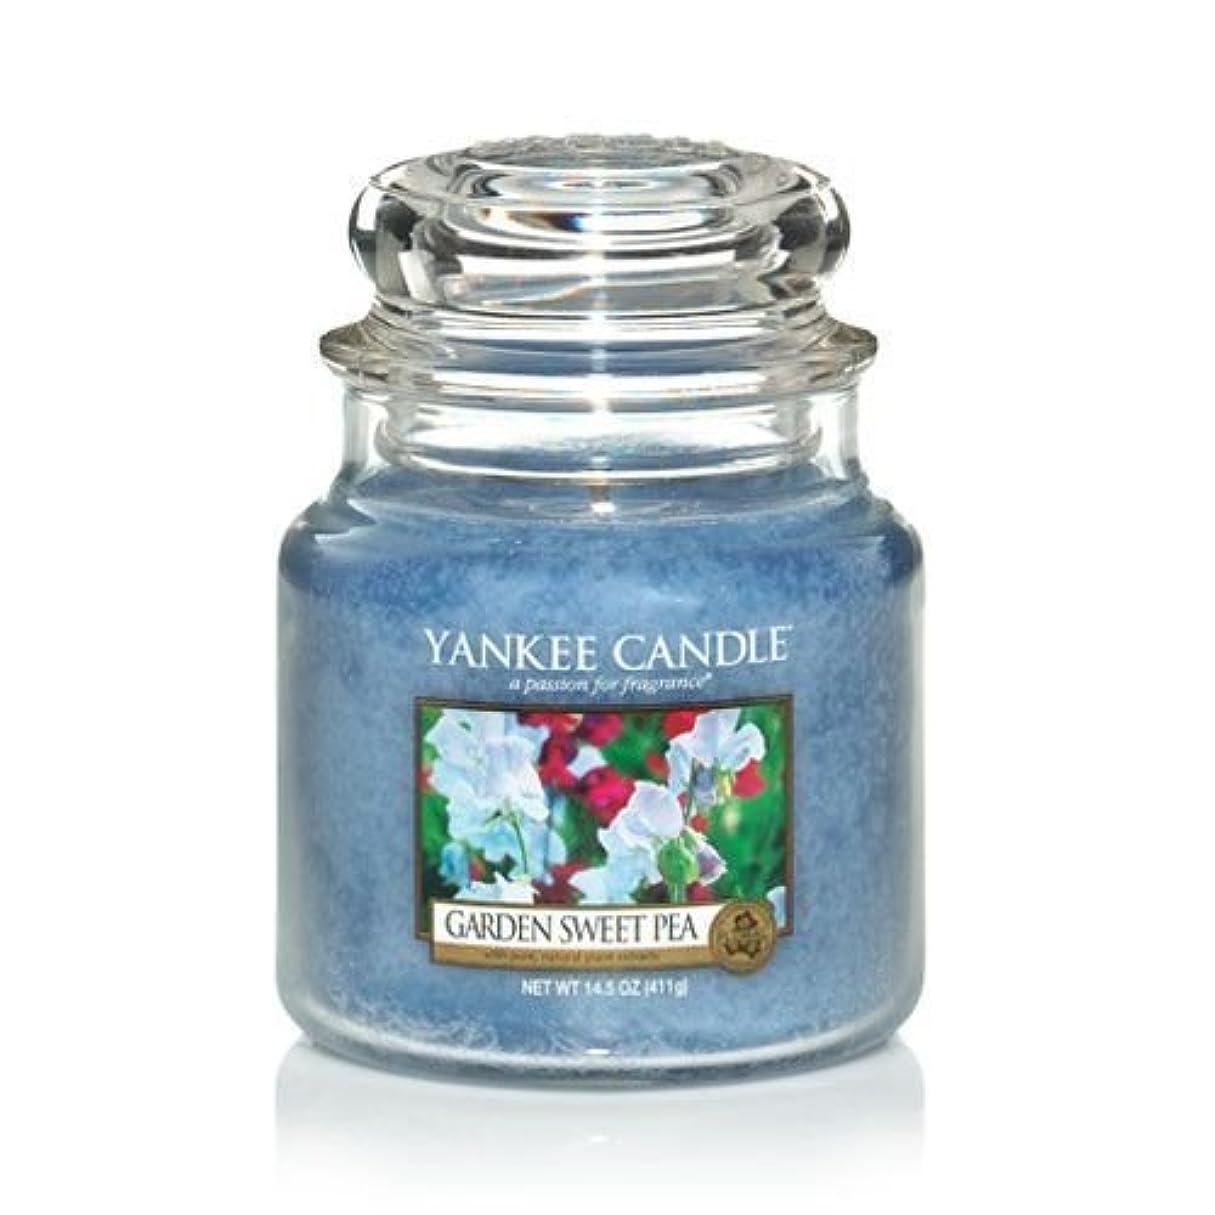 スキャンダル含めるオッズYankee Candle 14.5 Oz Jar Candle Garden Sweet Pea by Yankee Candle [並行輸入品]